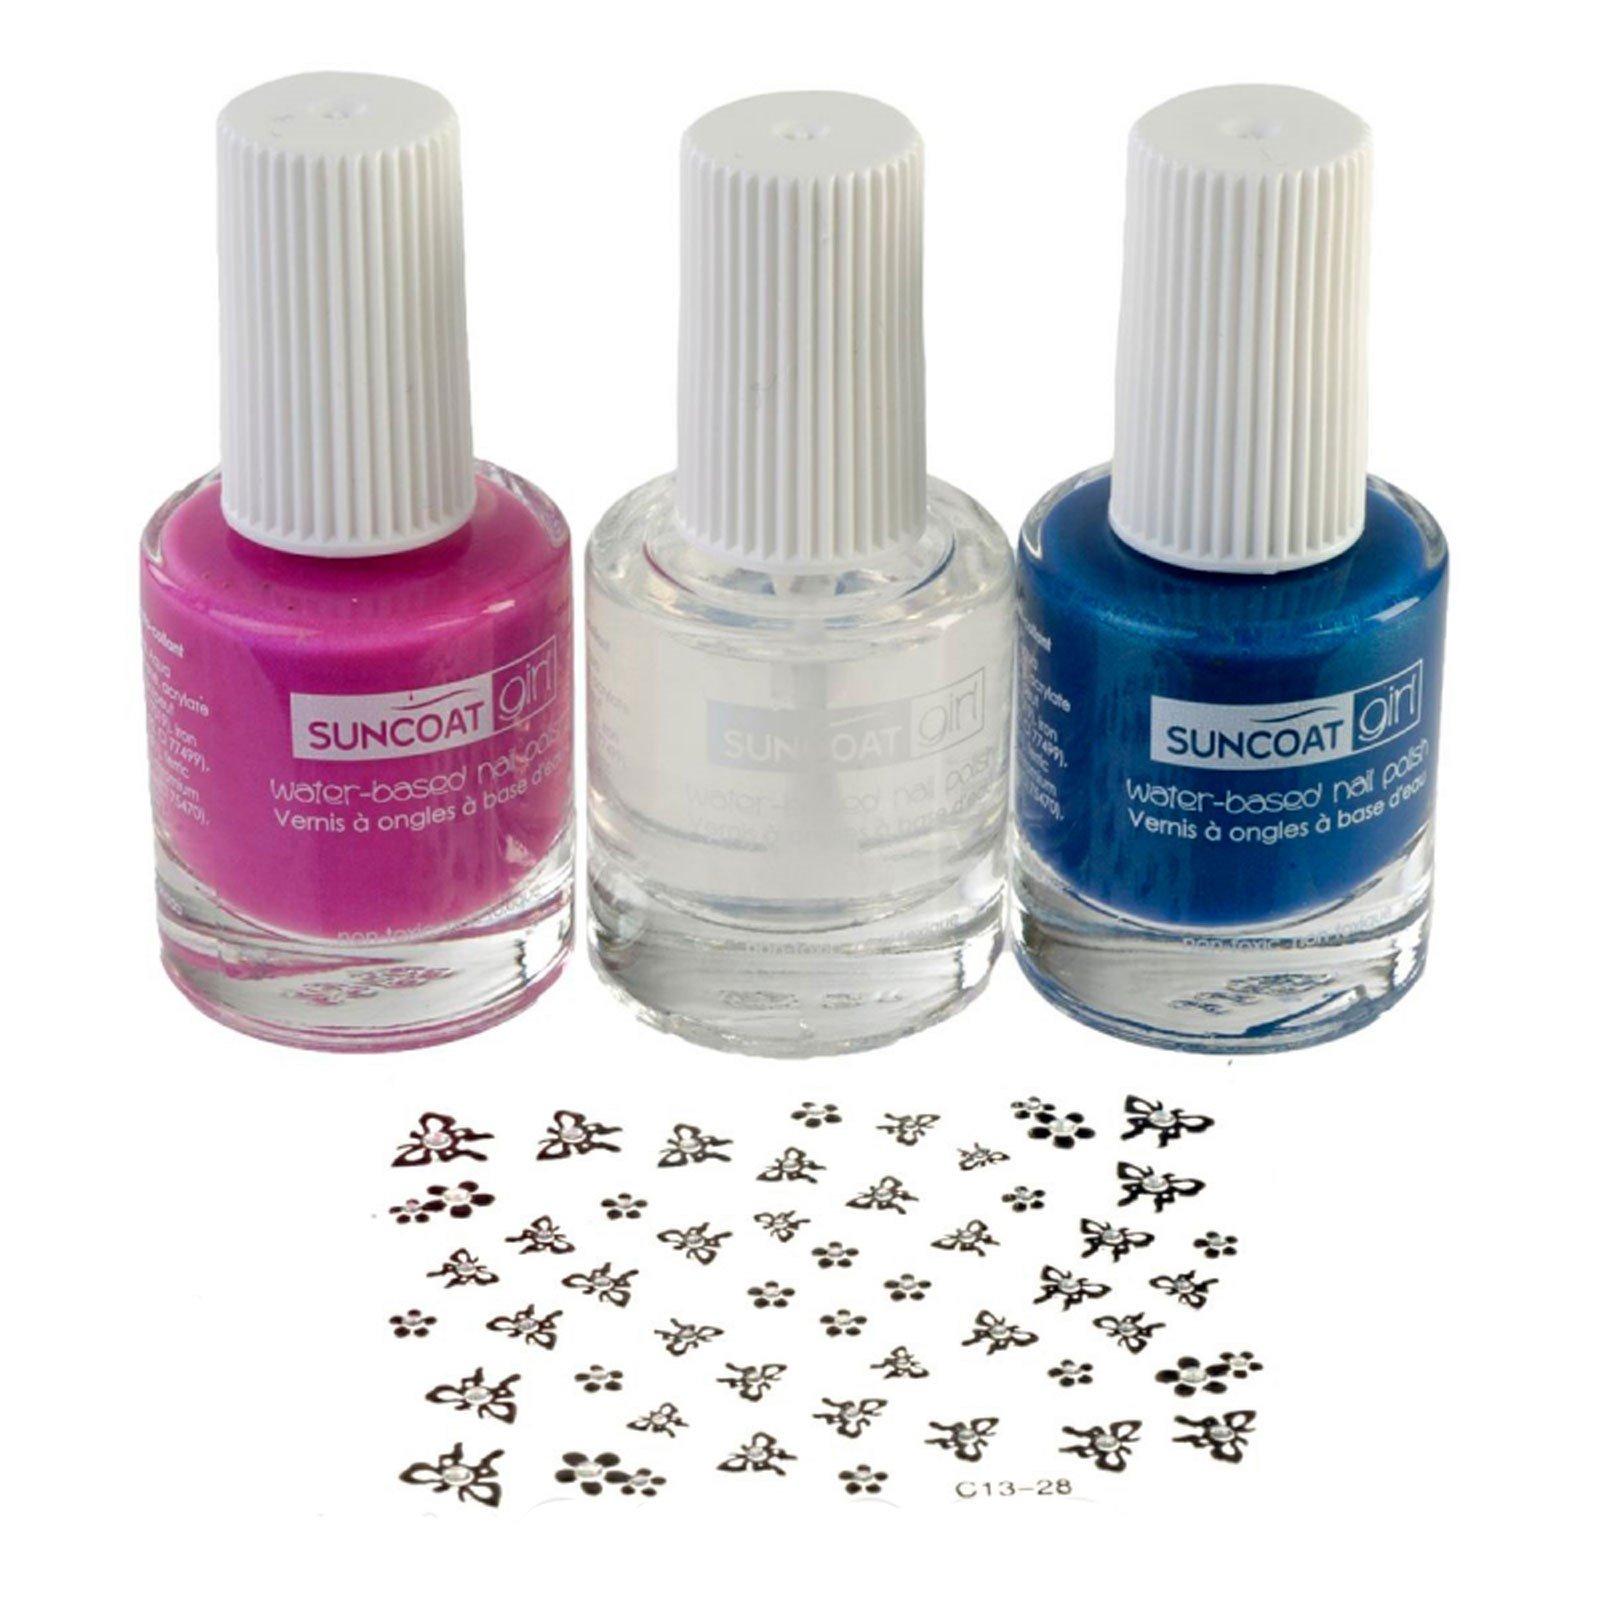 Suncoat Girl, Natural Nail Beauty Kit, Water-Based Nail Polishes ...